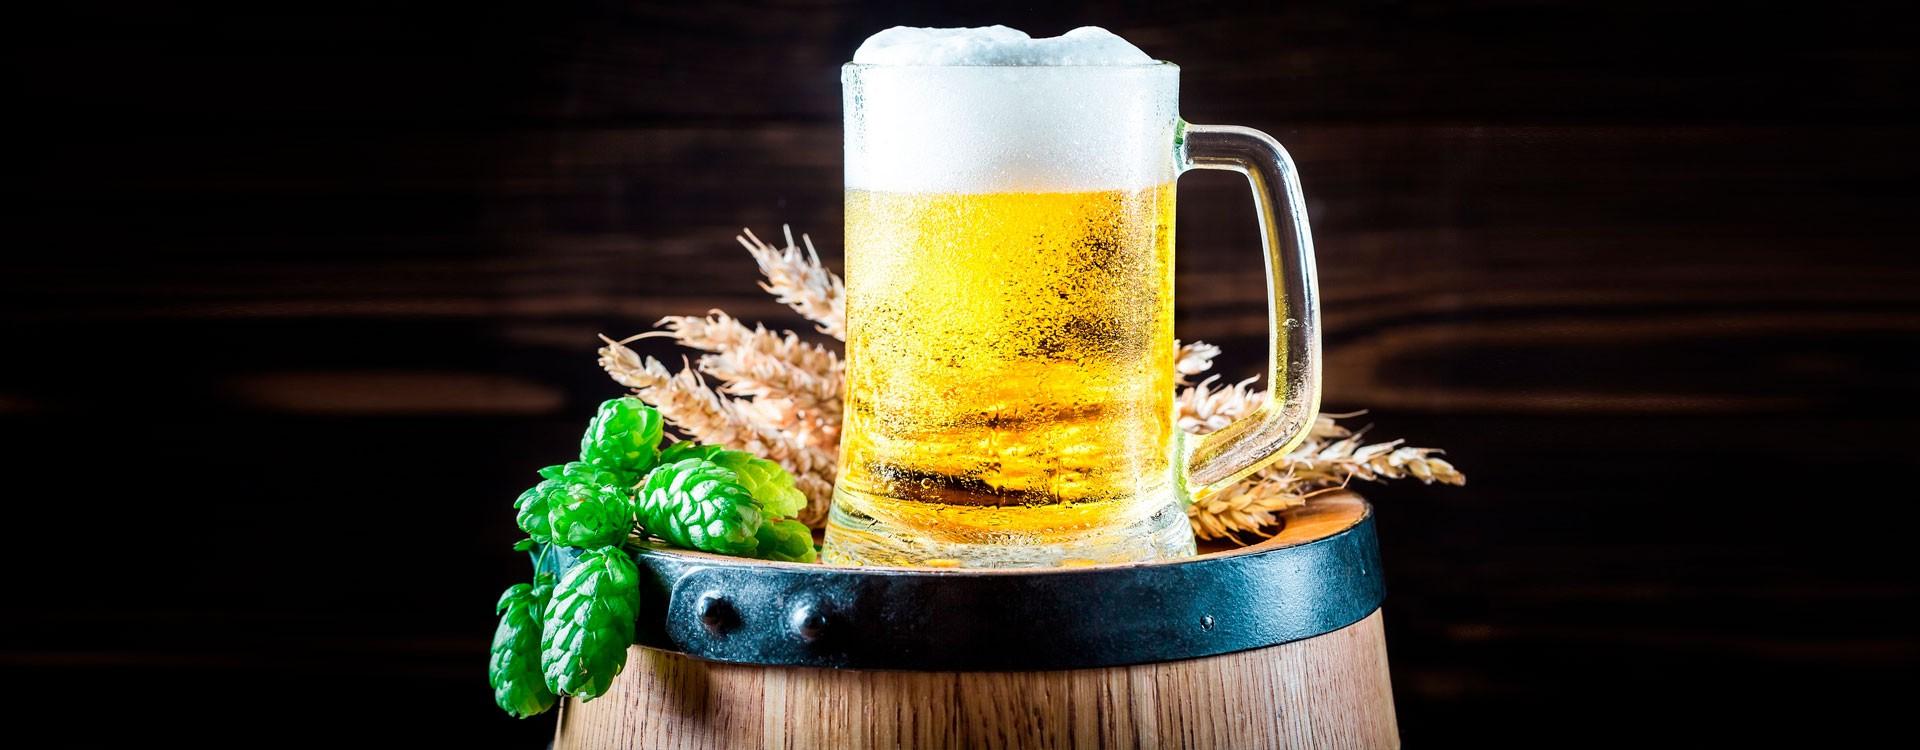 Фотометры и питьевая вода